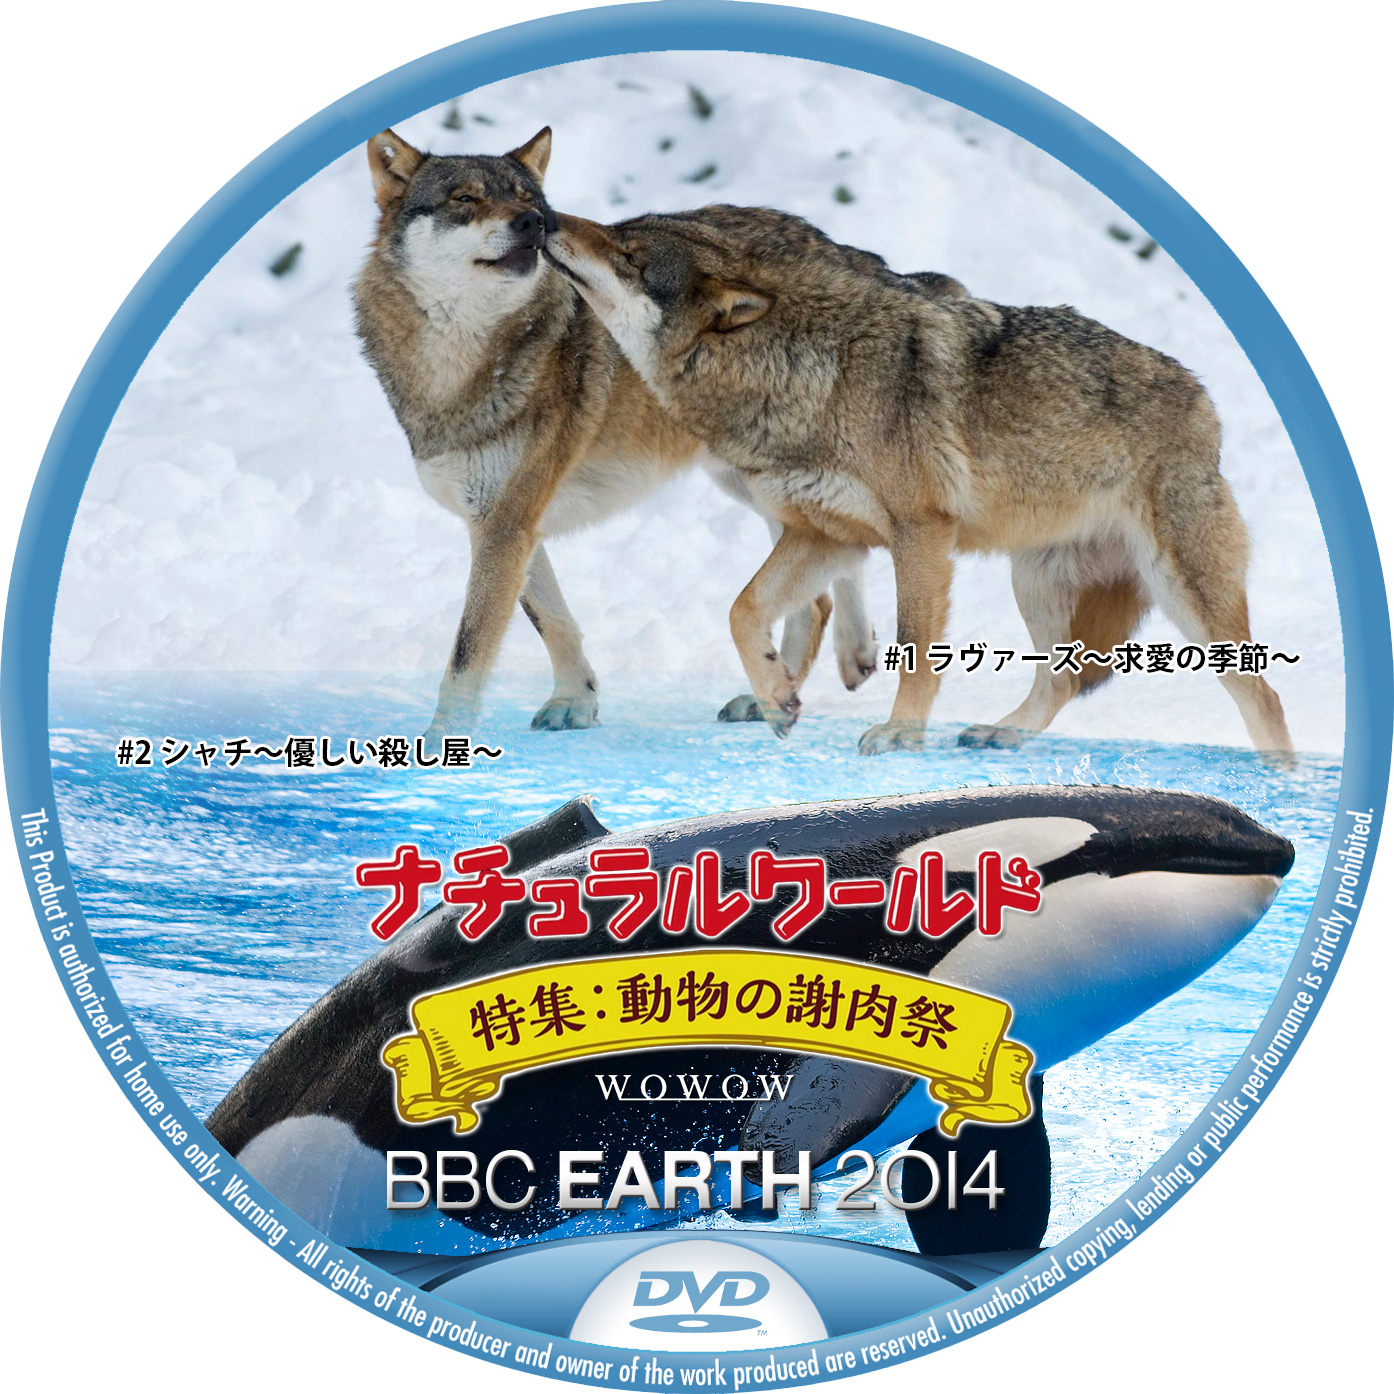 BBC EARTH 2014 WOWOW ラヴァーズ シャチ DVDラベル ナチュラルワールド